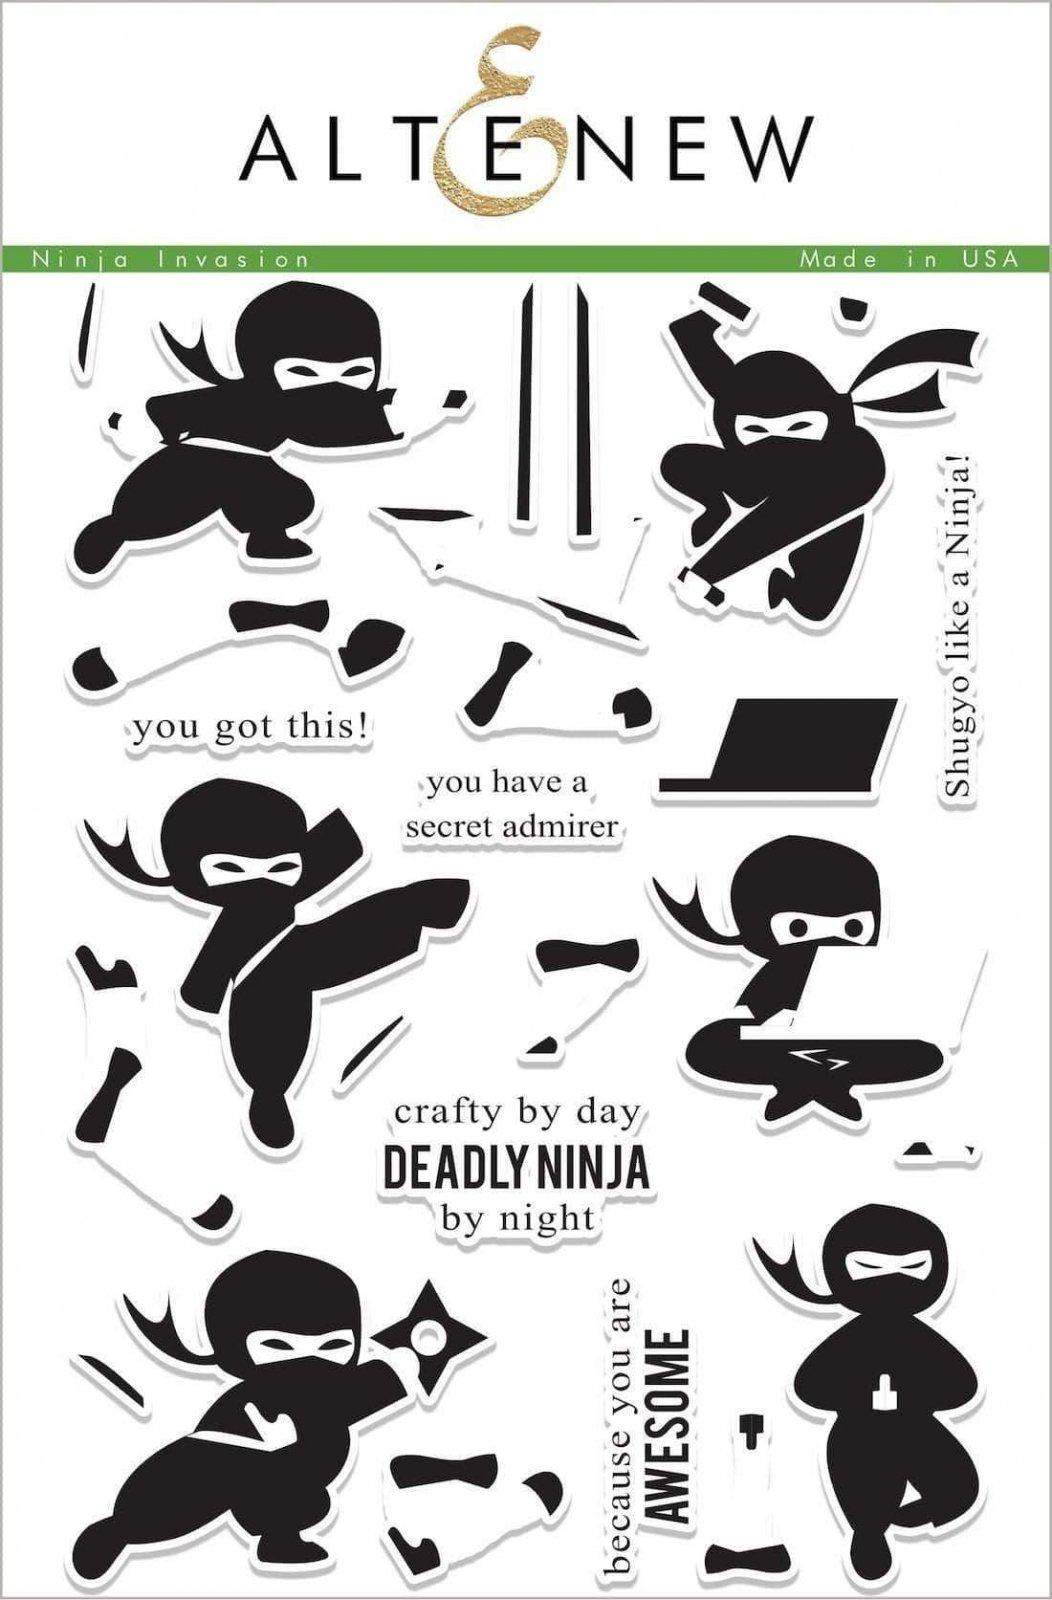 Altenew Ninja Invasion Stamp Set